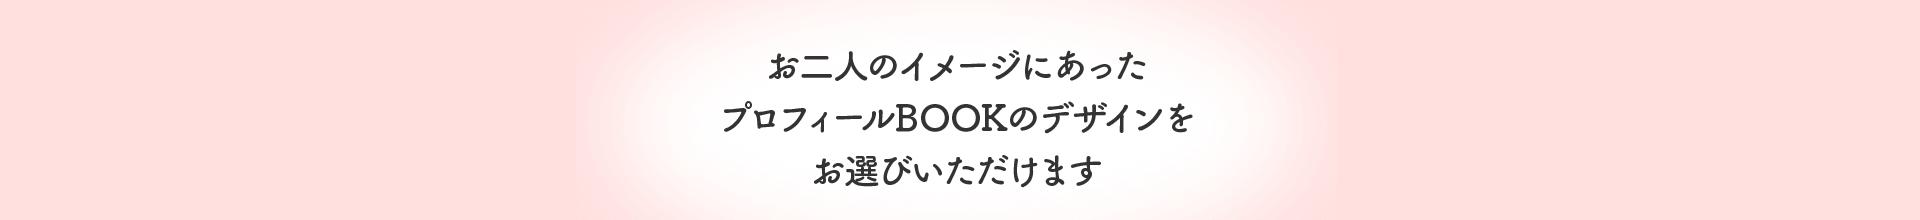 お二人のイメージにあったプロフィールBOOKのデザインをお選びいただけます